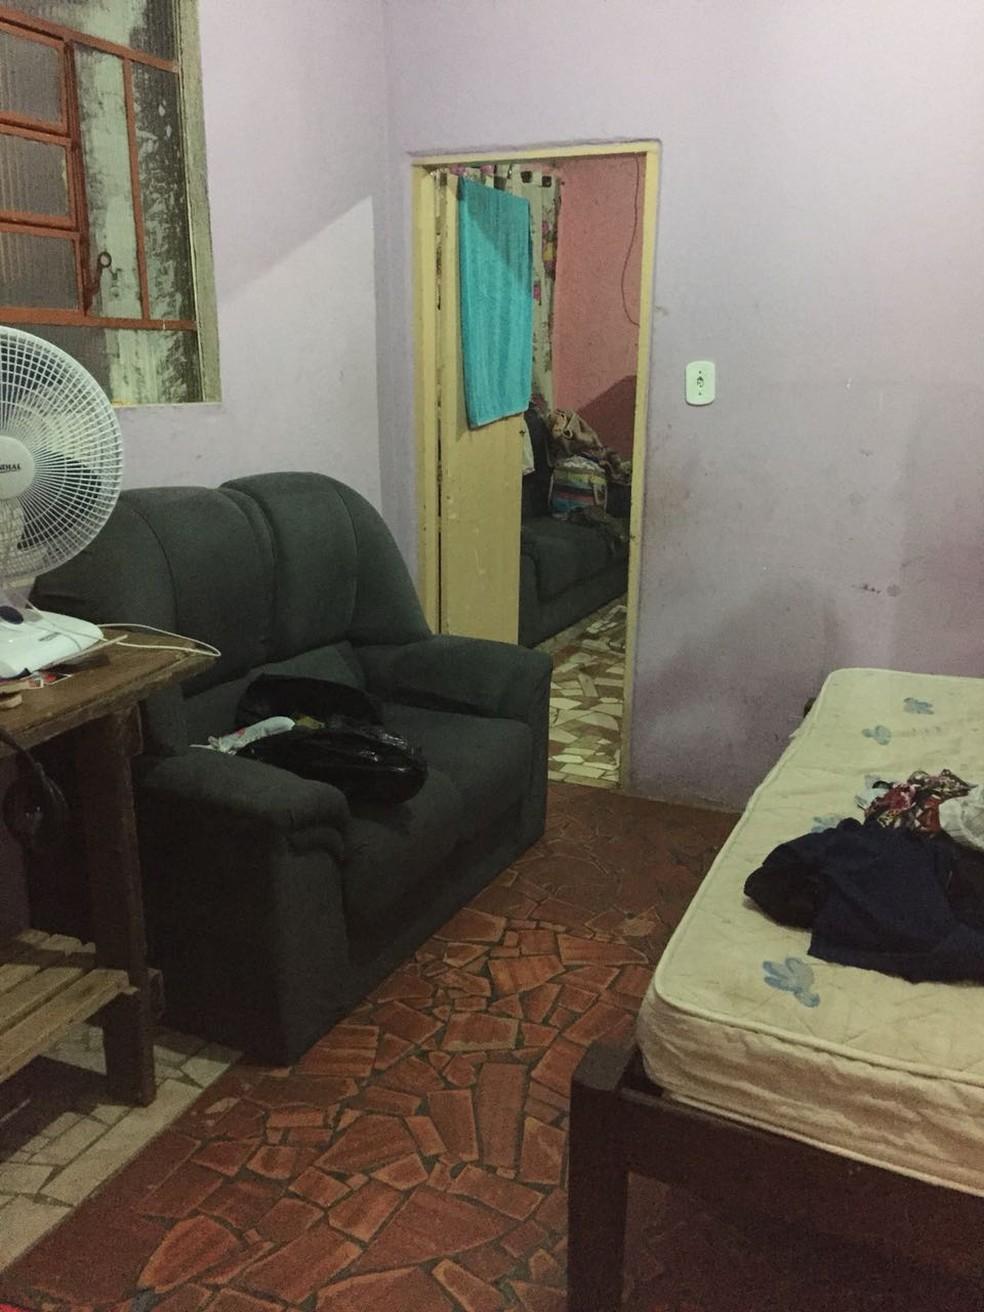 Polícia faz buscas em casa de suspeitos envolvidos em golpe contra mulheres (Foto: Deic/Divulgação)